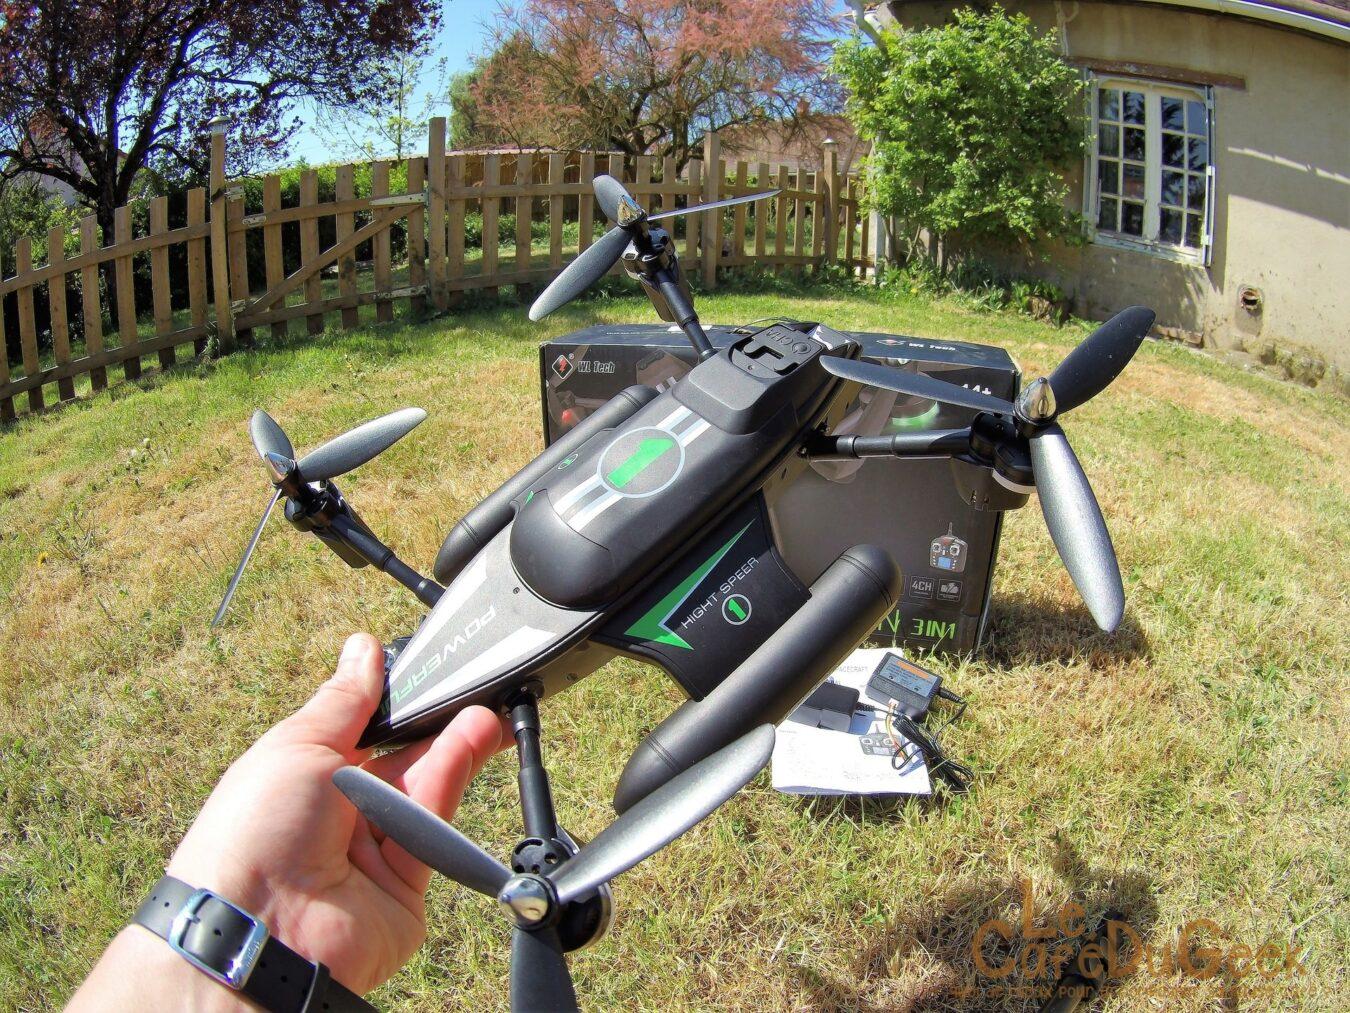 Promotion drone pas cher quebec, avis drone helper